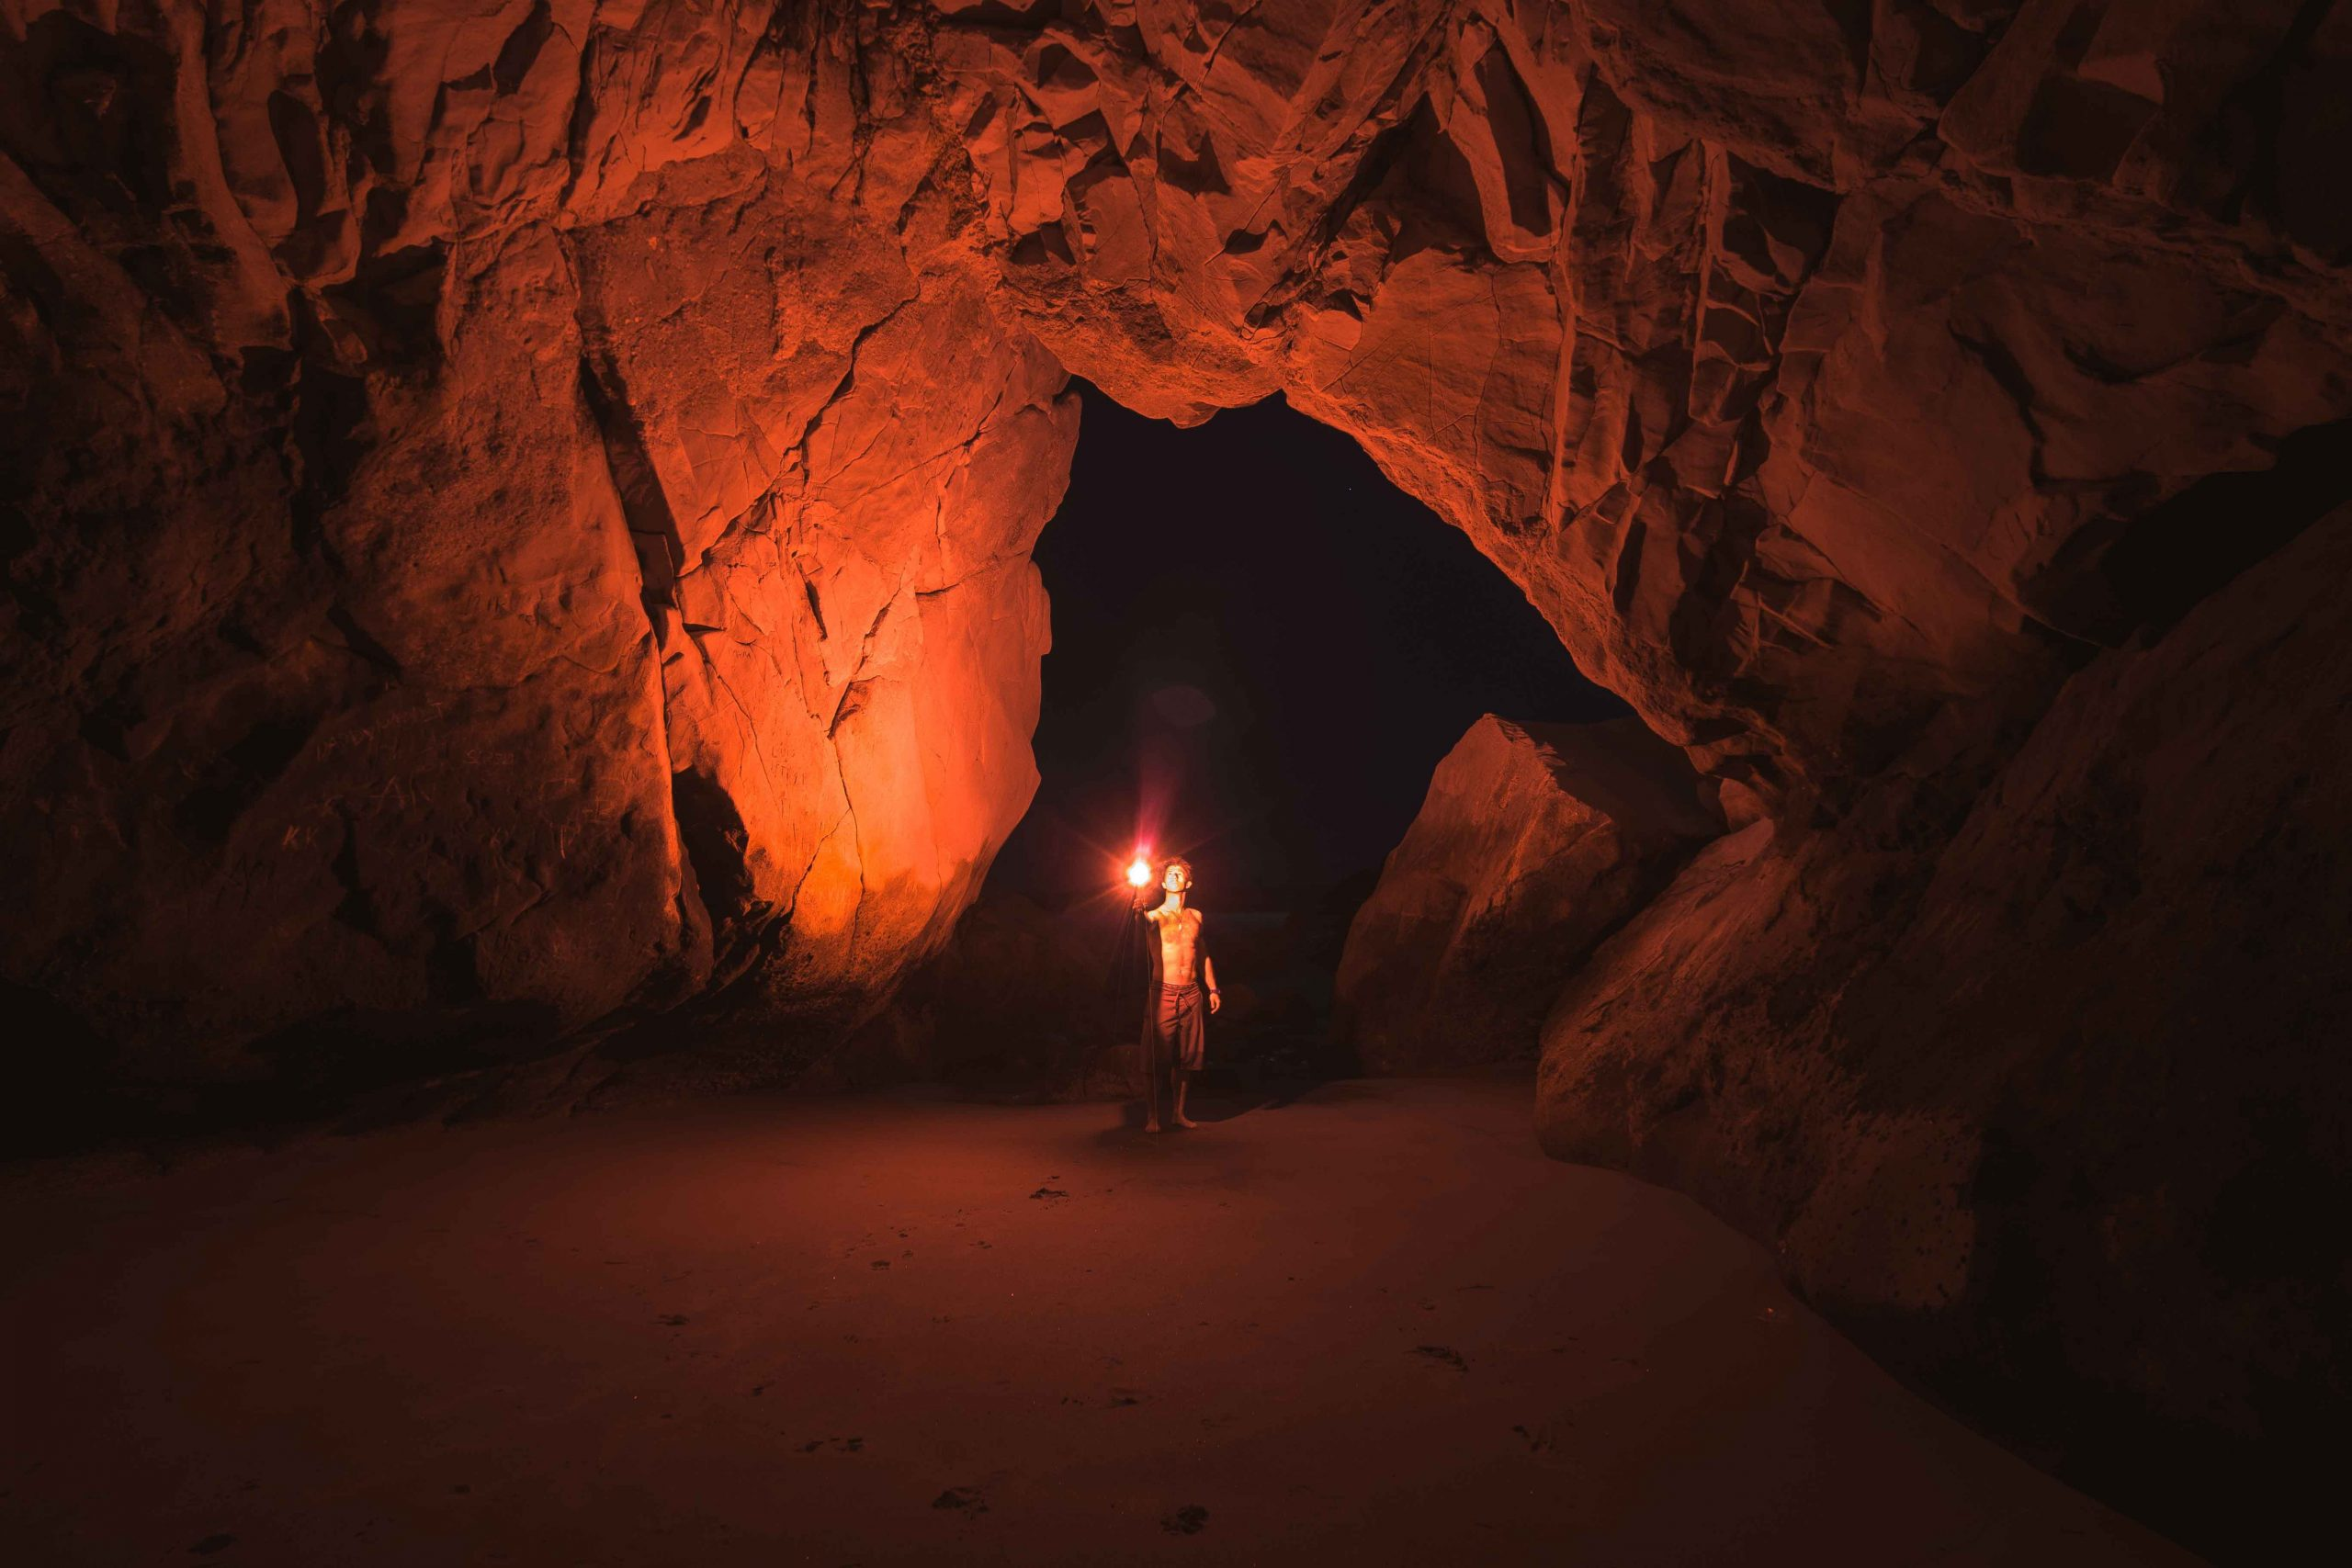 La découverte de la grotte Chauvet et ses conséquences judiciaires